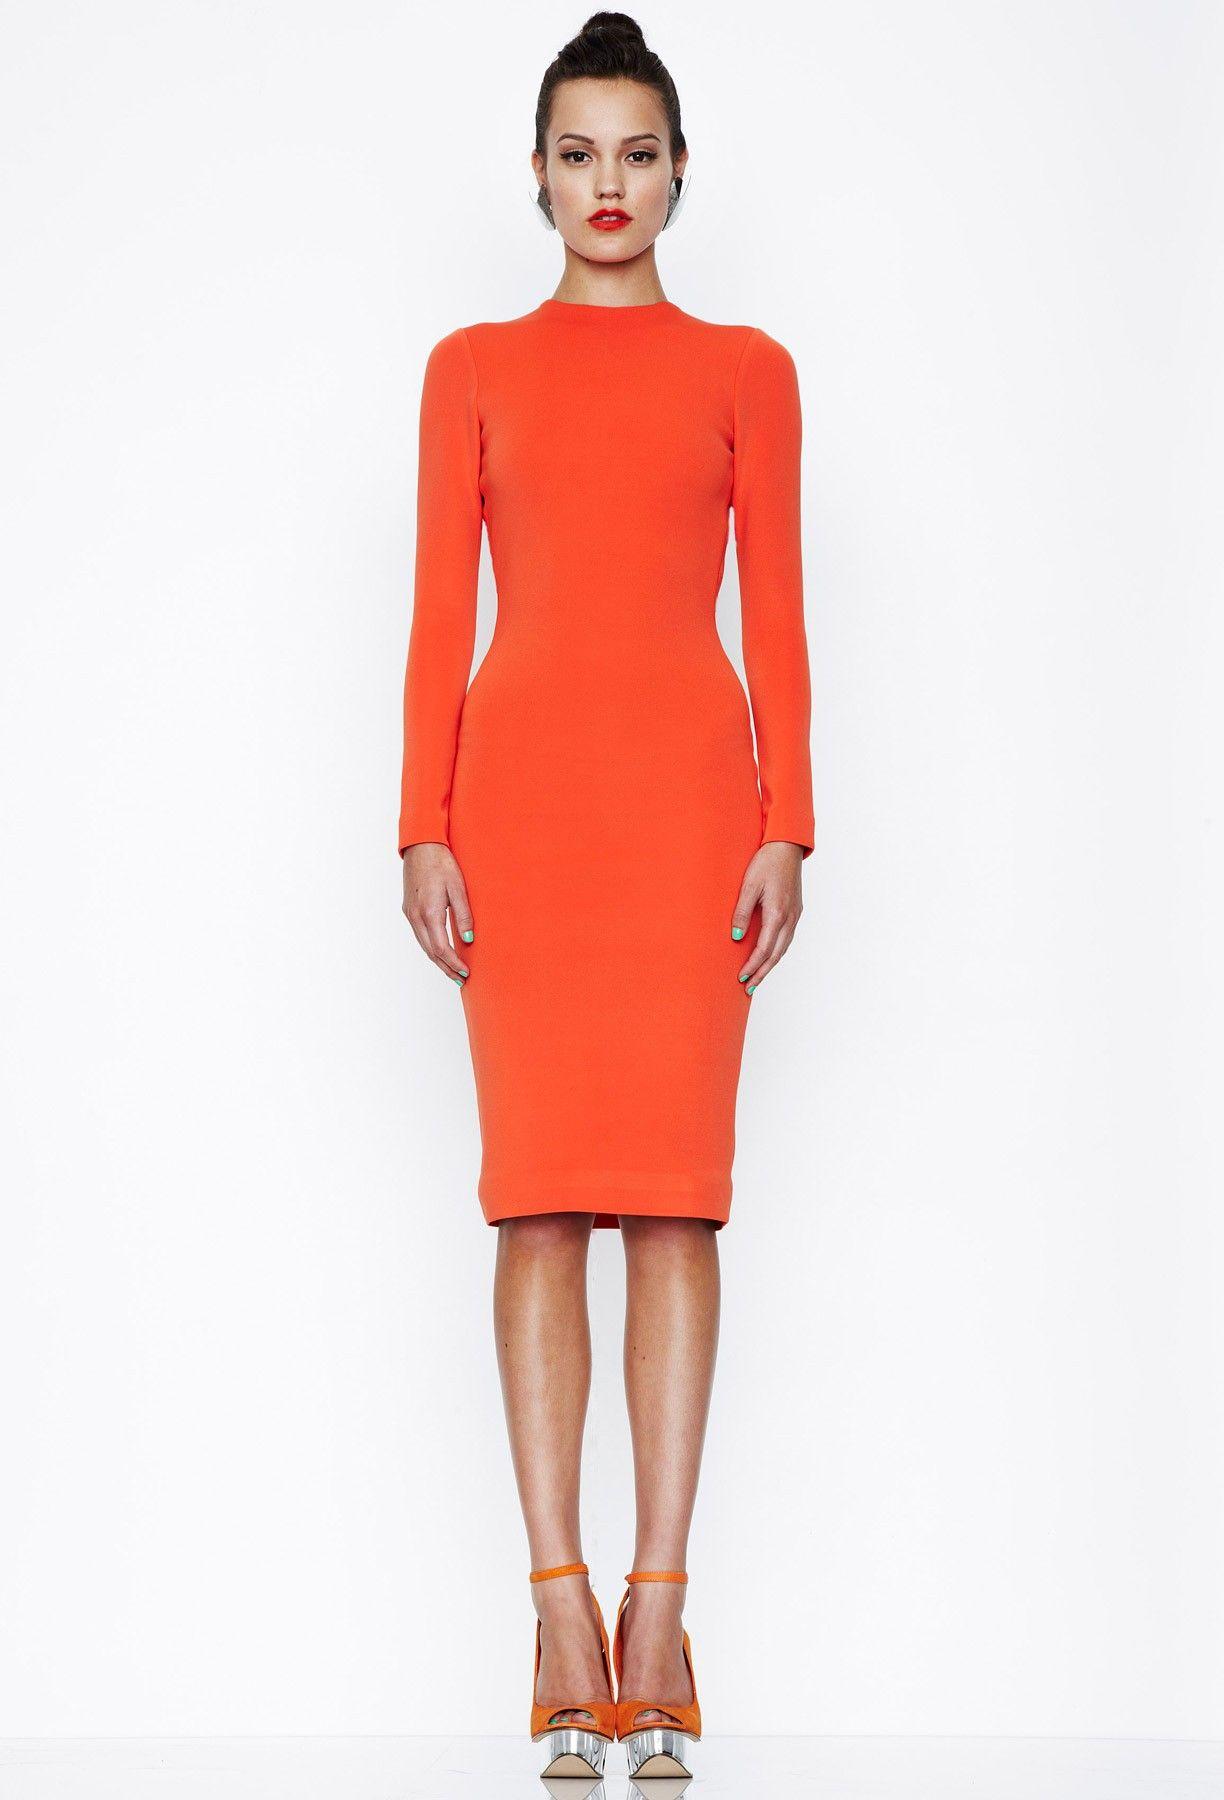 Celine Midi Dress The Color Shoes Dresses Fashion